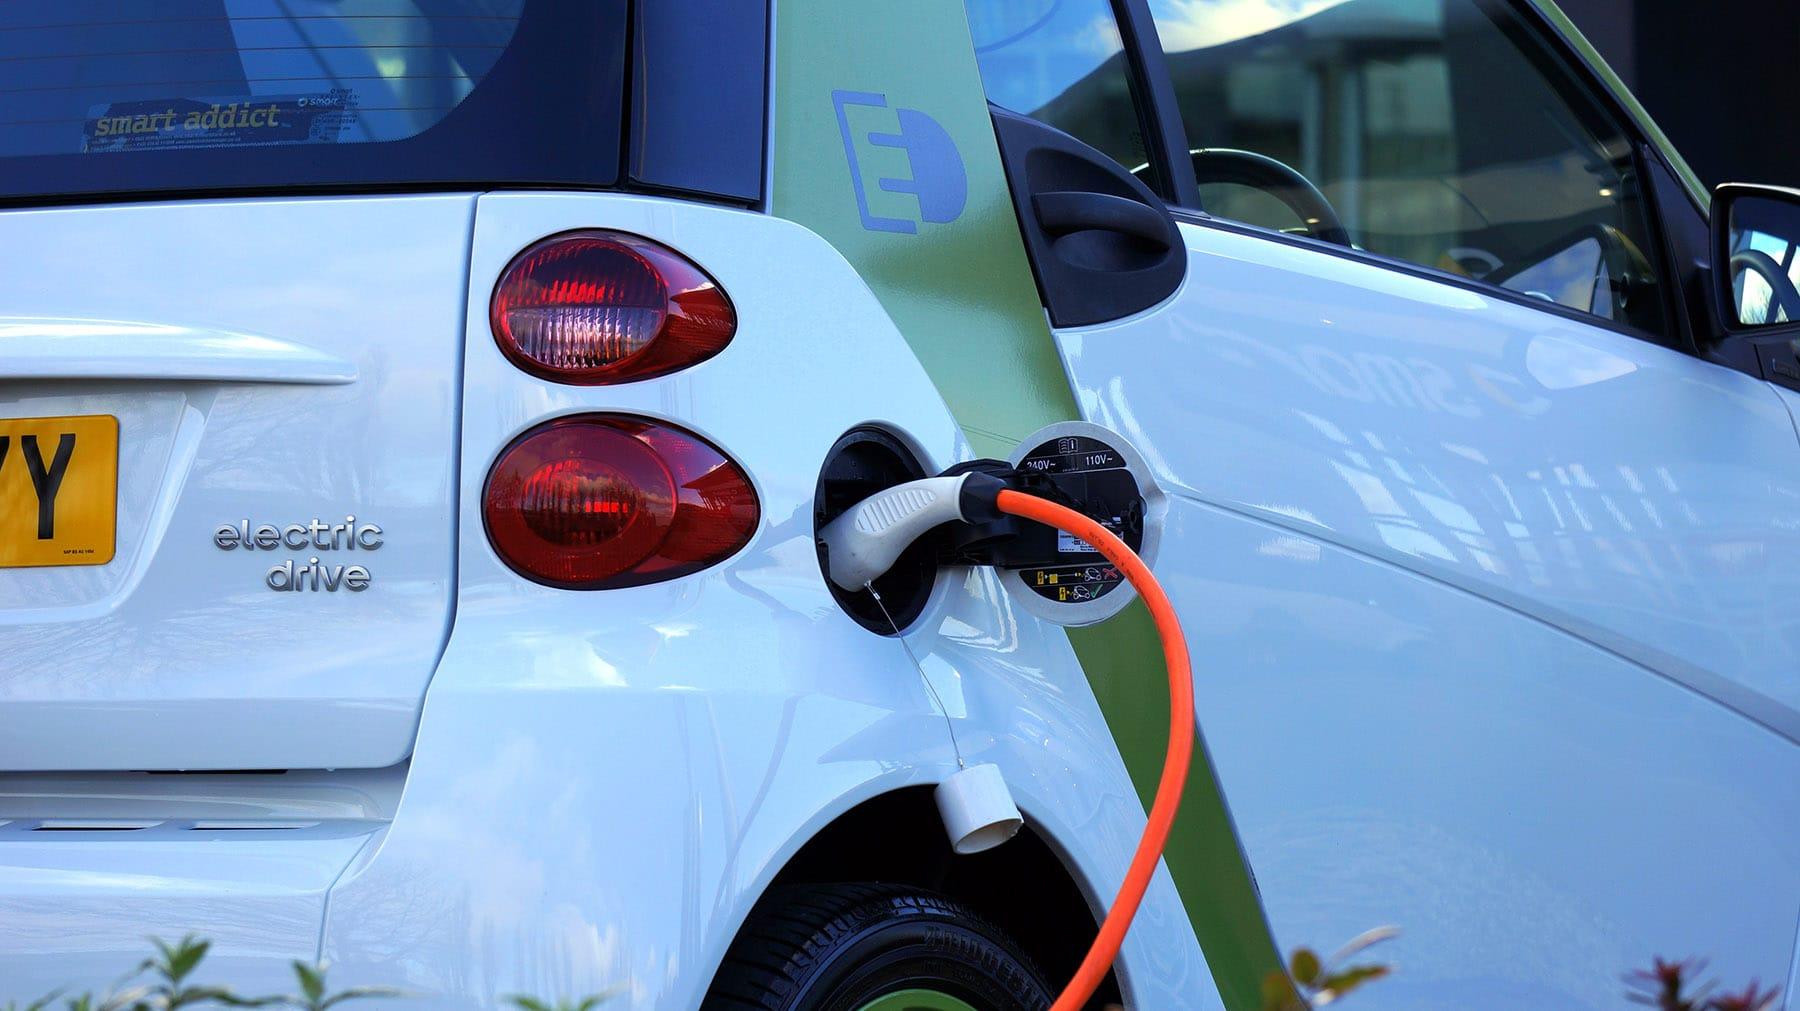 Electric car scrappage scheme